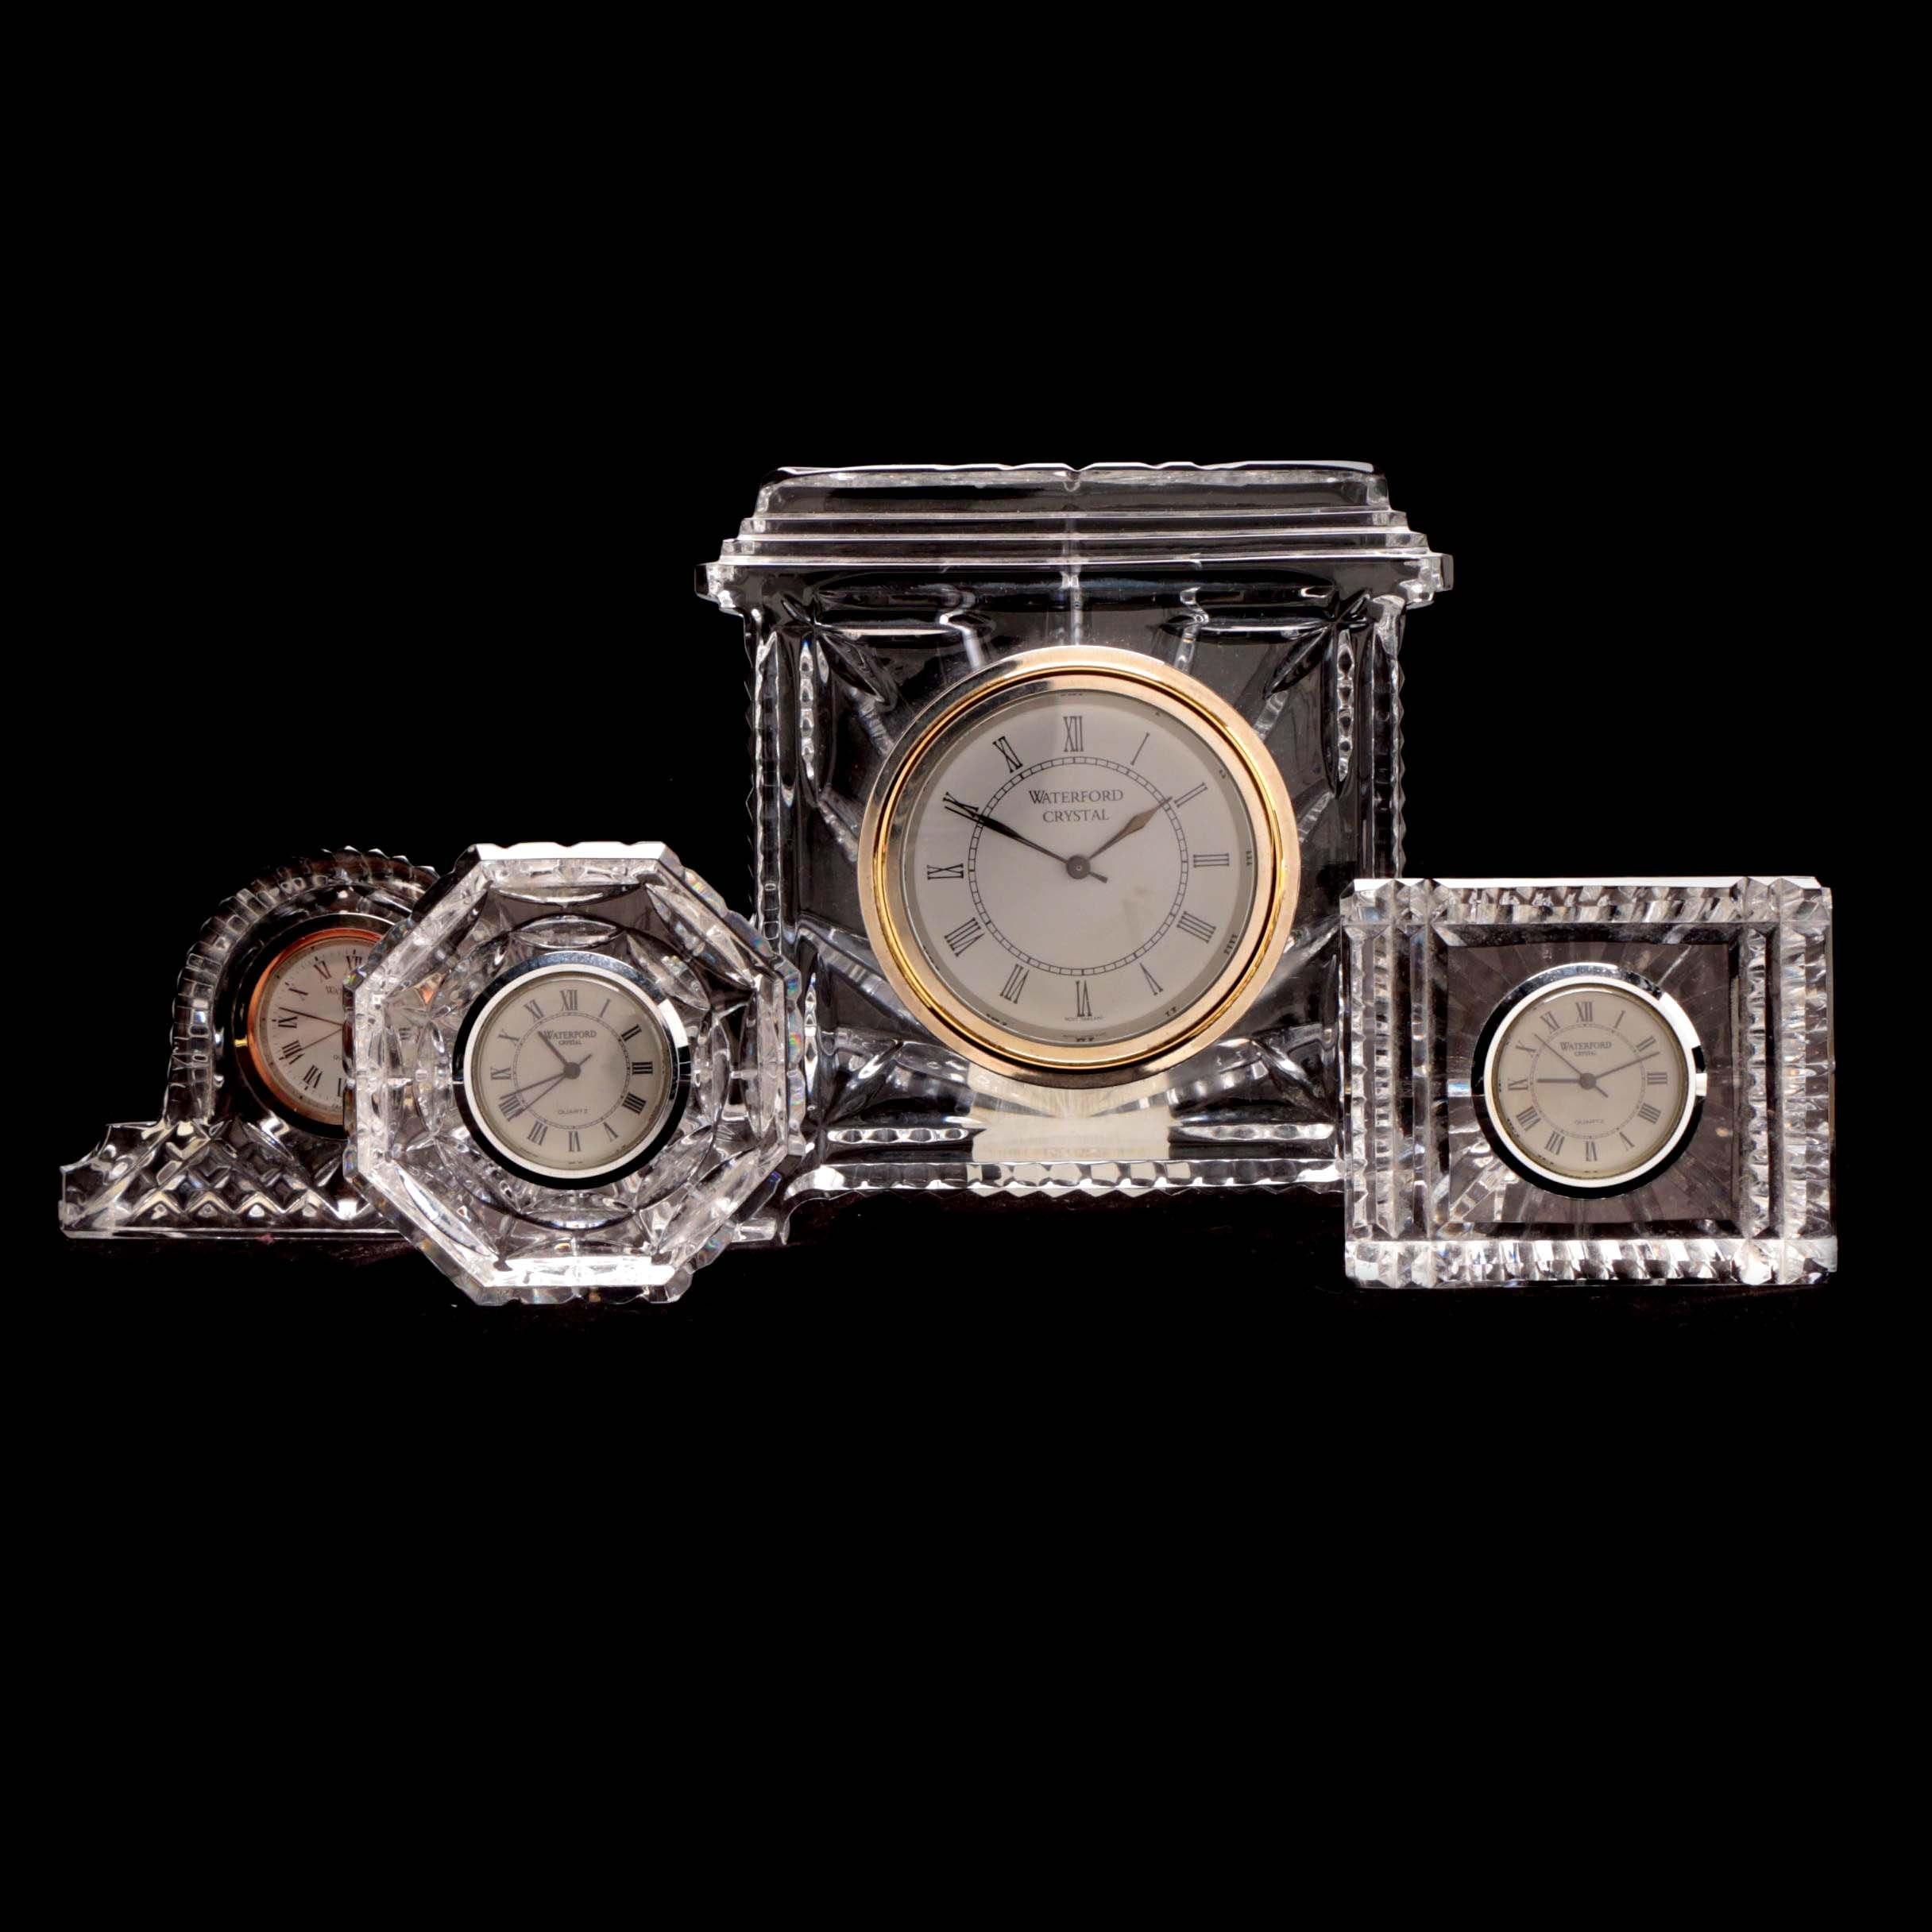 Waterford Crystal Desk Clocks